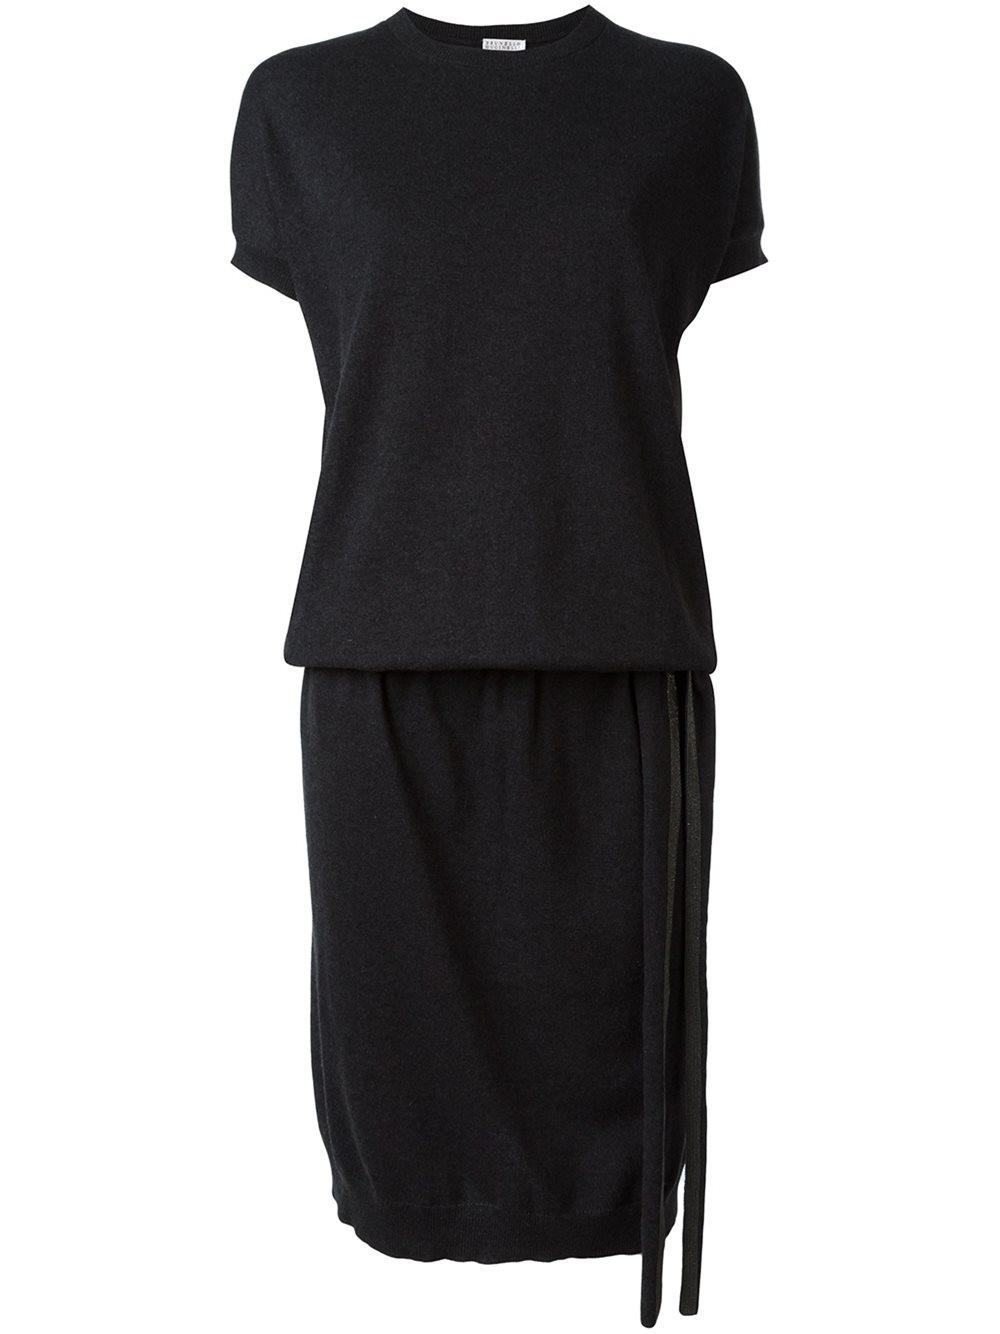 15 Schön Tageskleider Damen Boutique13 Luxurius Tageskleider Damen Ärmel